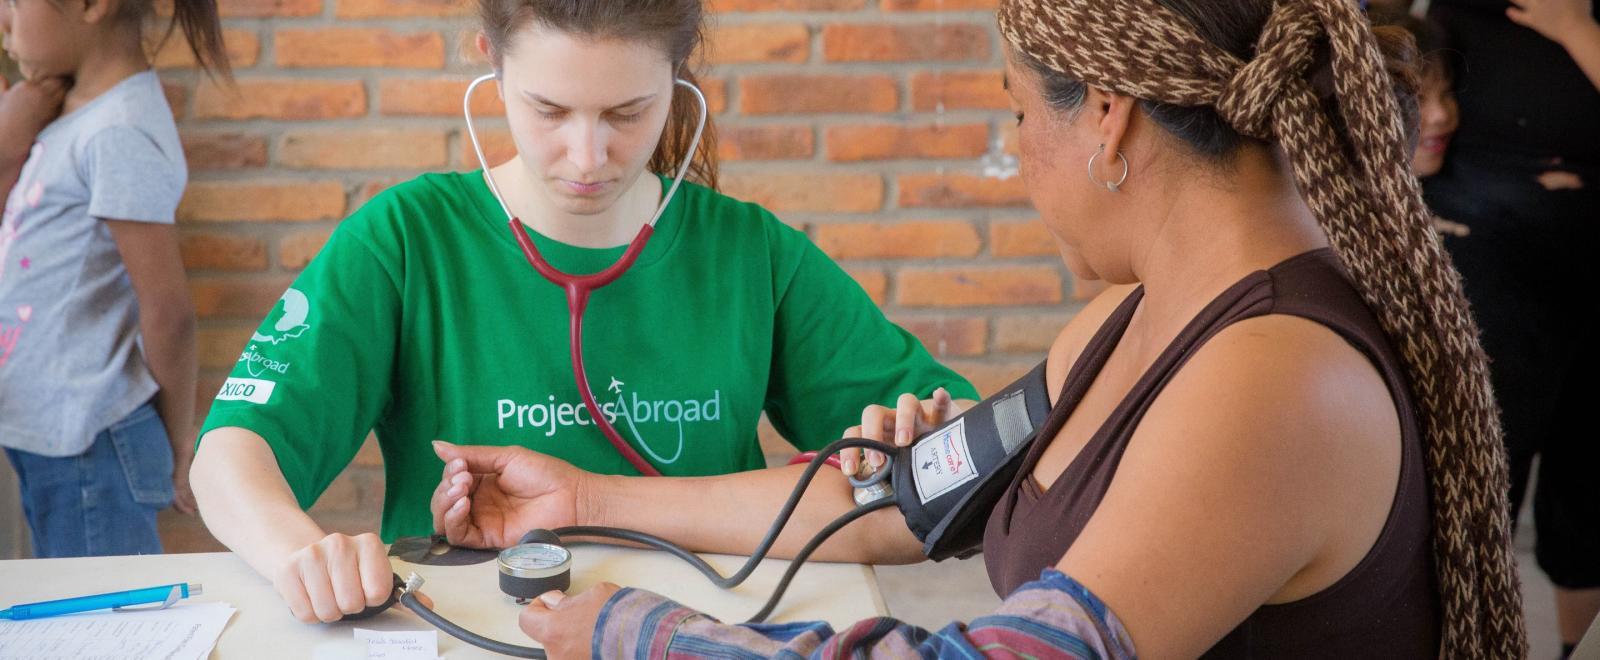 Voluntaria de medicina midiendo la presión sanguínea.